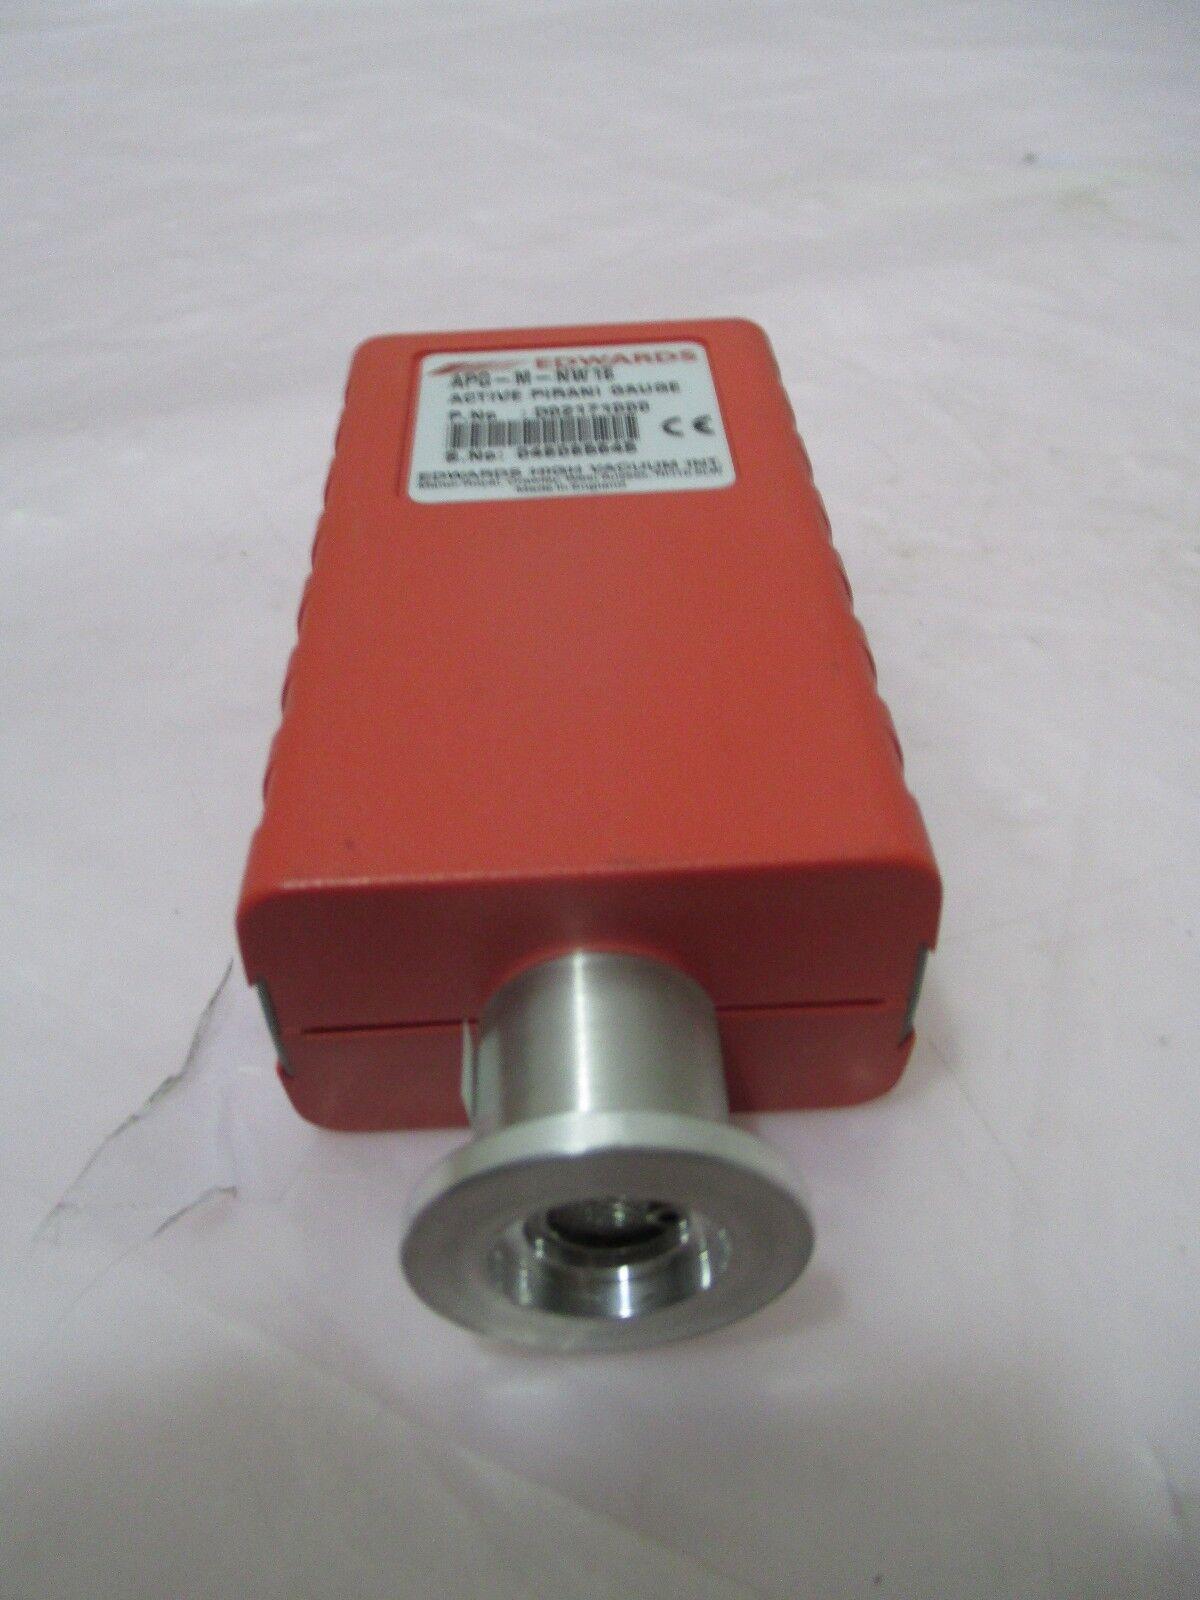 BOC Edwards APG-M-NW16 Active Pirani Gauge, 421208